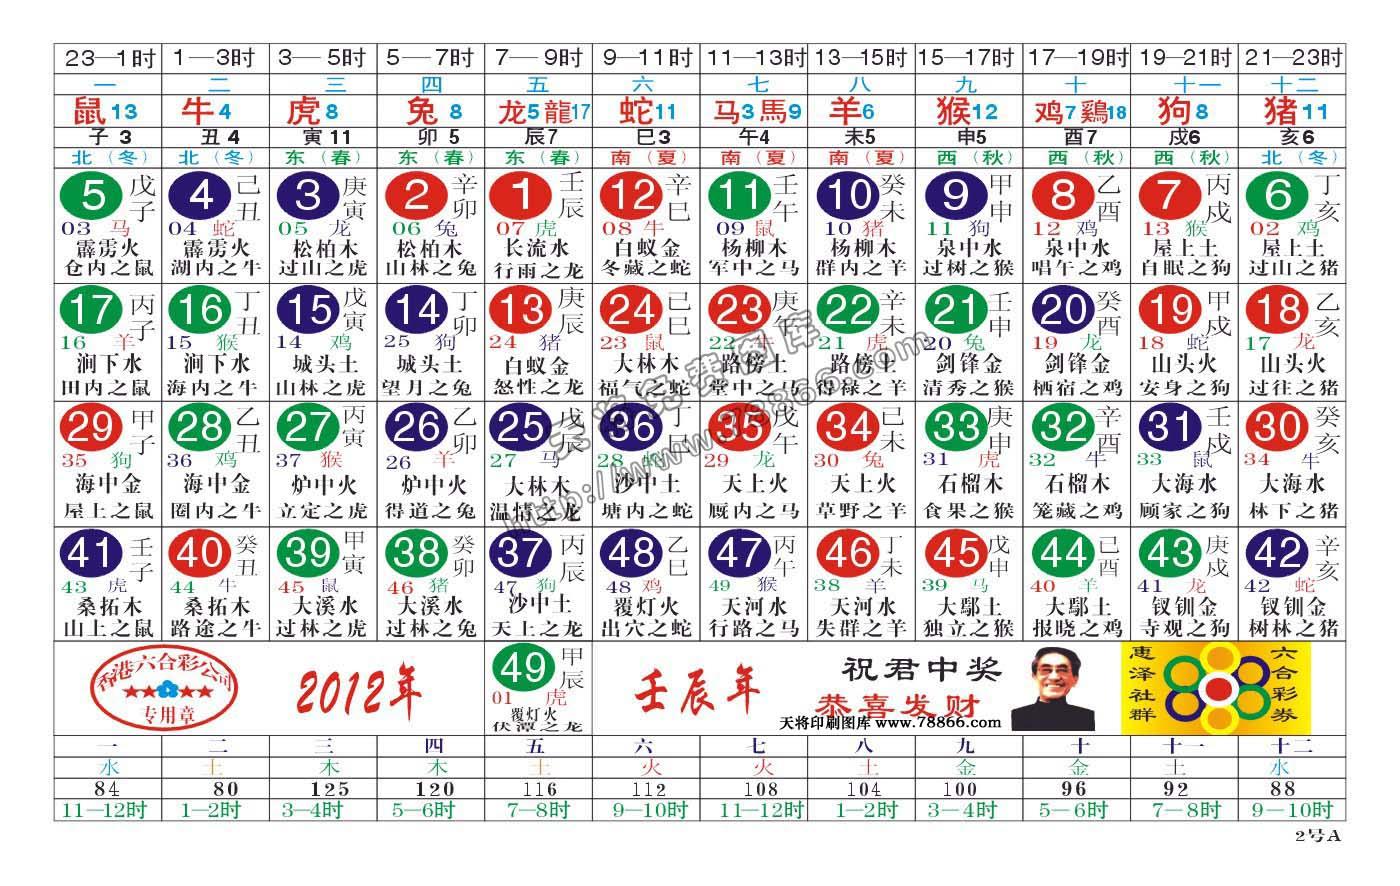 2015排码表高清图_生肖数字表_2016年波色生肖表图_生肖表2015年_香港生肖表2016图片